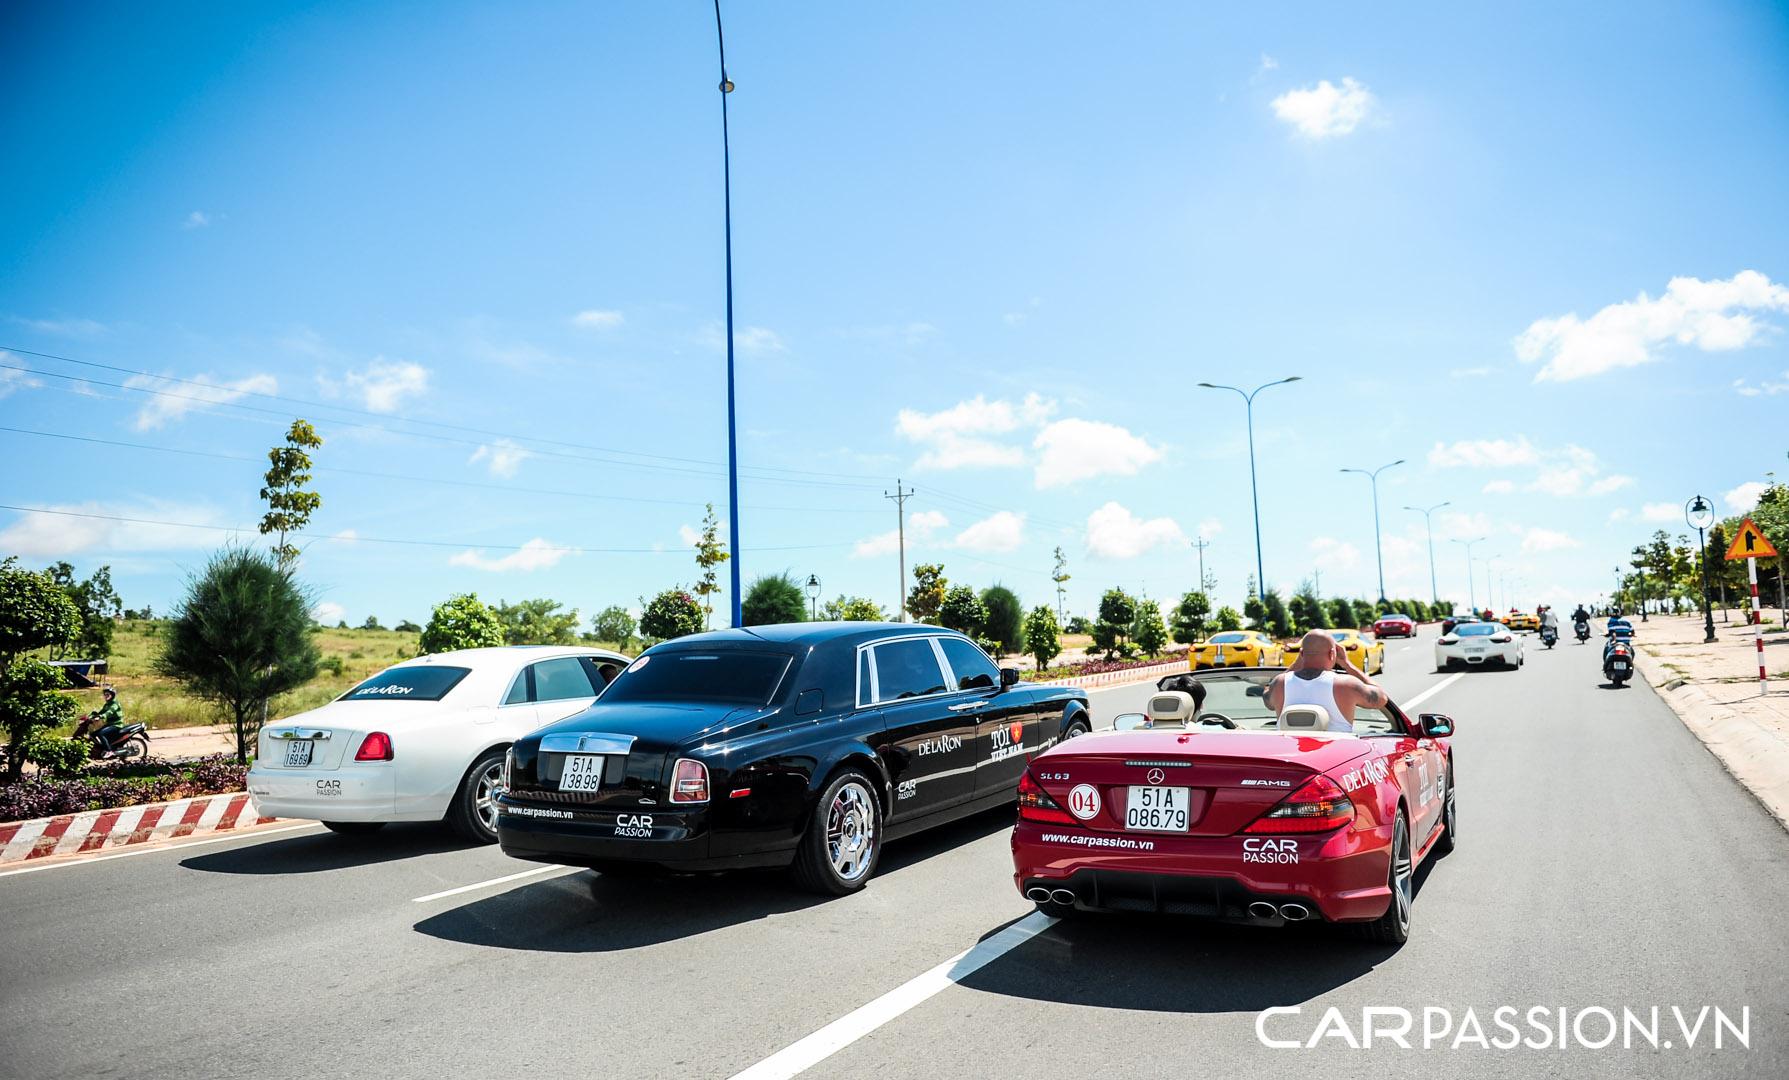 CP-Hành trình siêu xe CarPassion 2011 Day 2 (180).jpg